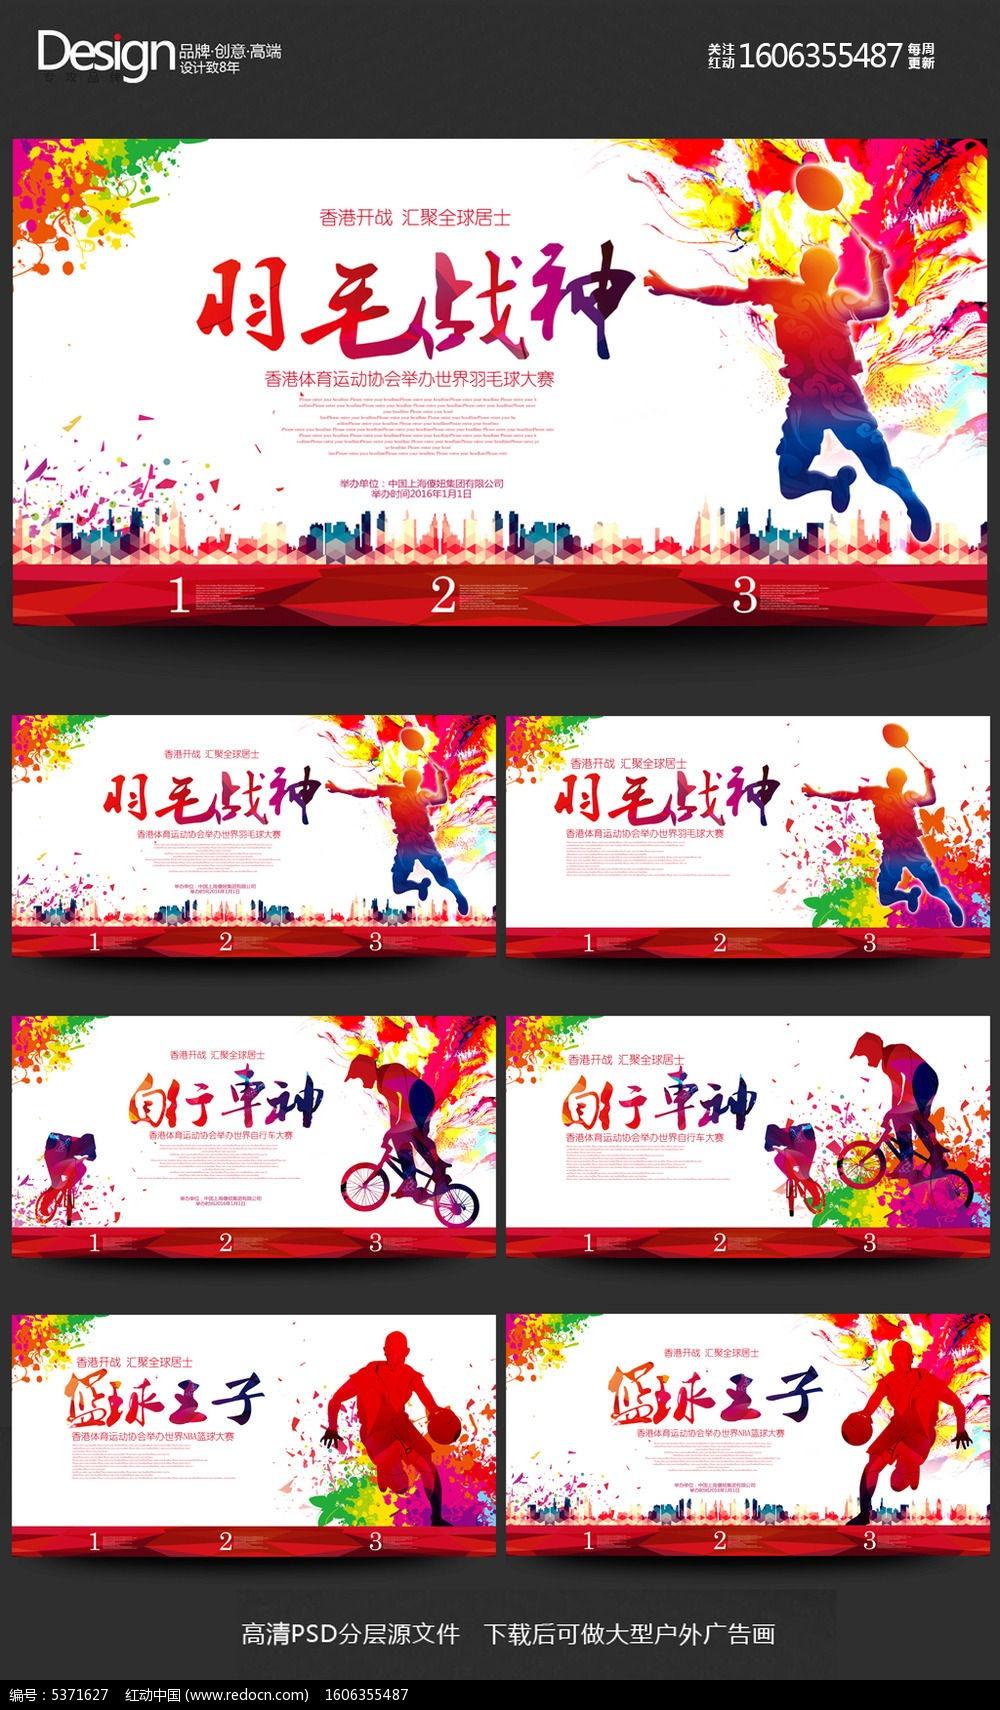 体育人物海报_体育运动人物标志小学生集体